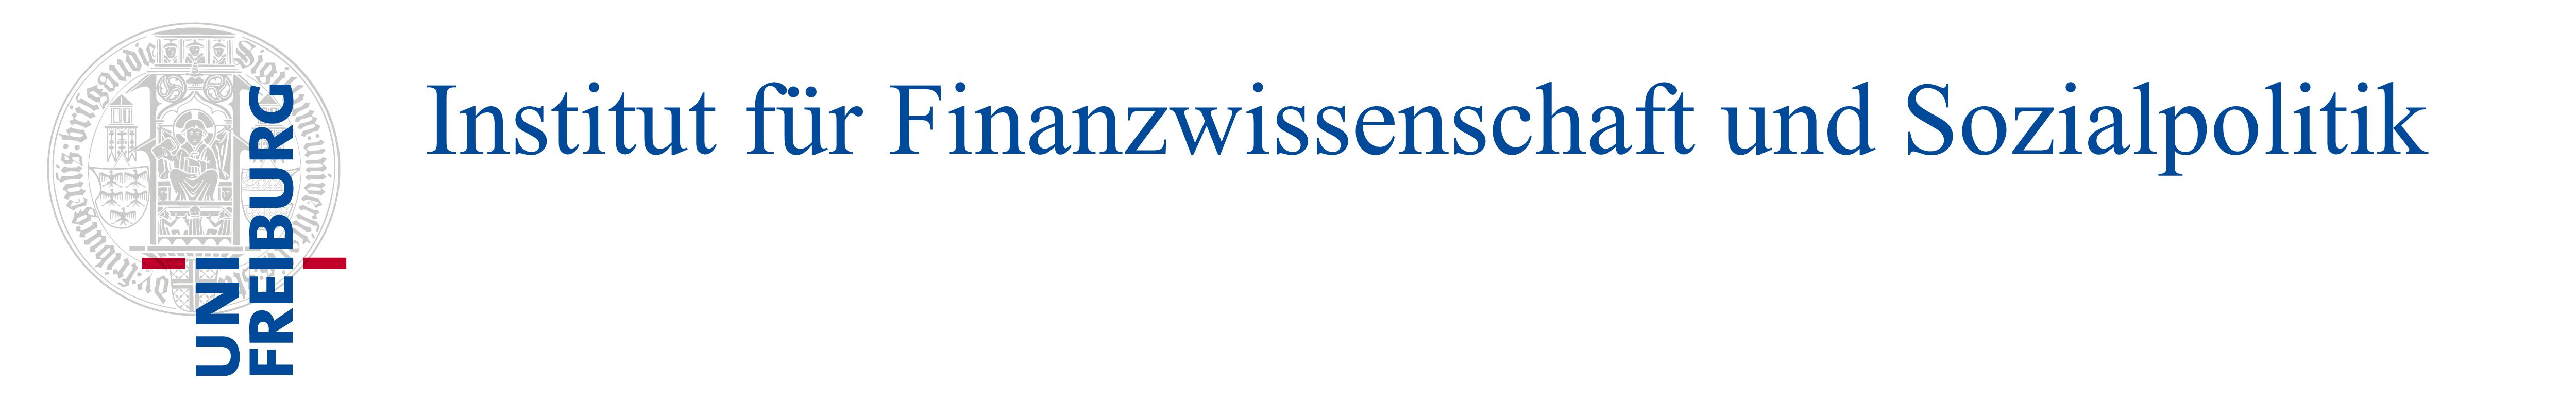 Institut für Finanzwissenschaft und Sozialpolitik – Universität Freiburg